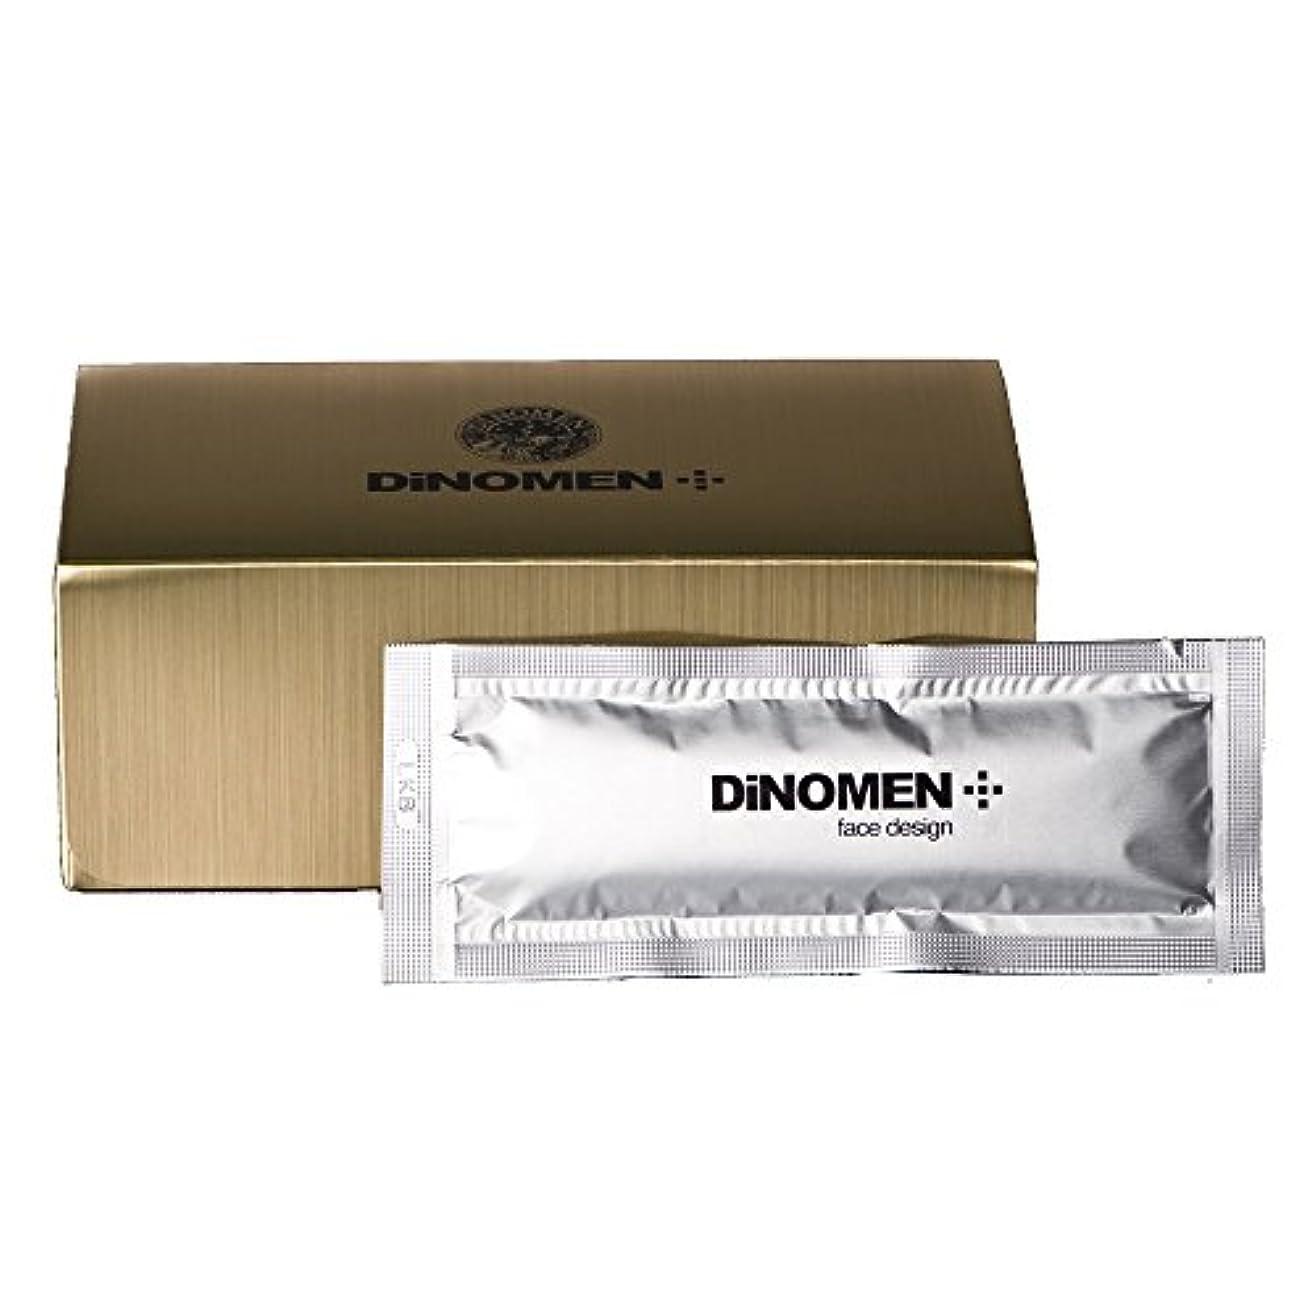 者より平らな貧困DiNOMEN バブリングジェル 10包入 炭酸発泡パック 男性化粧品